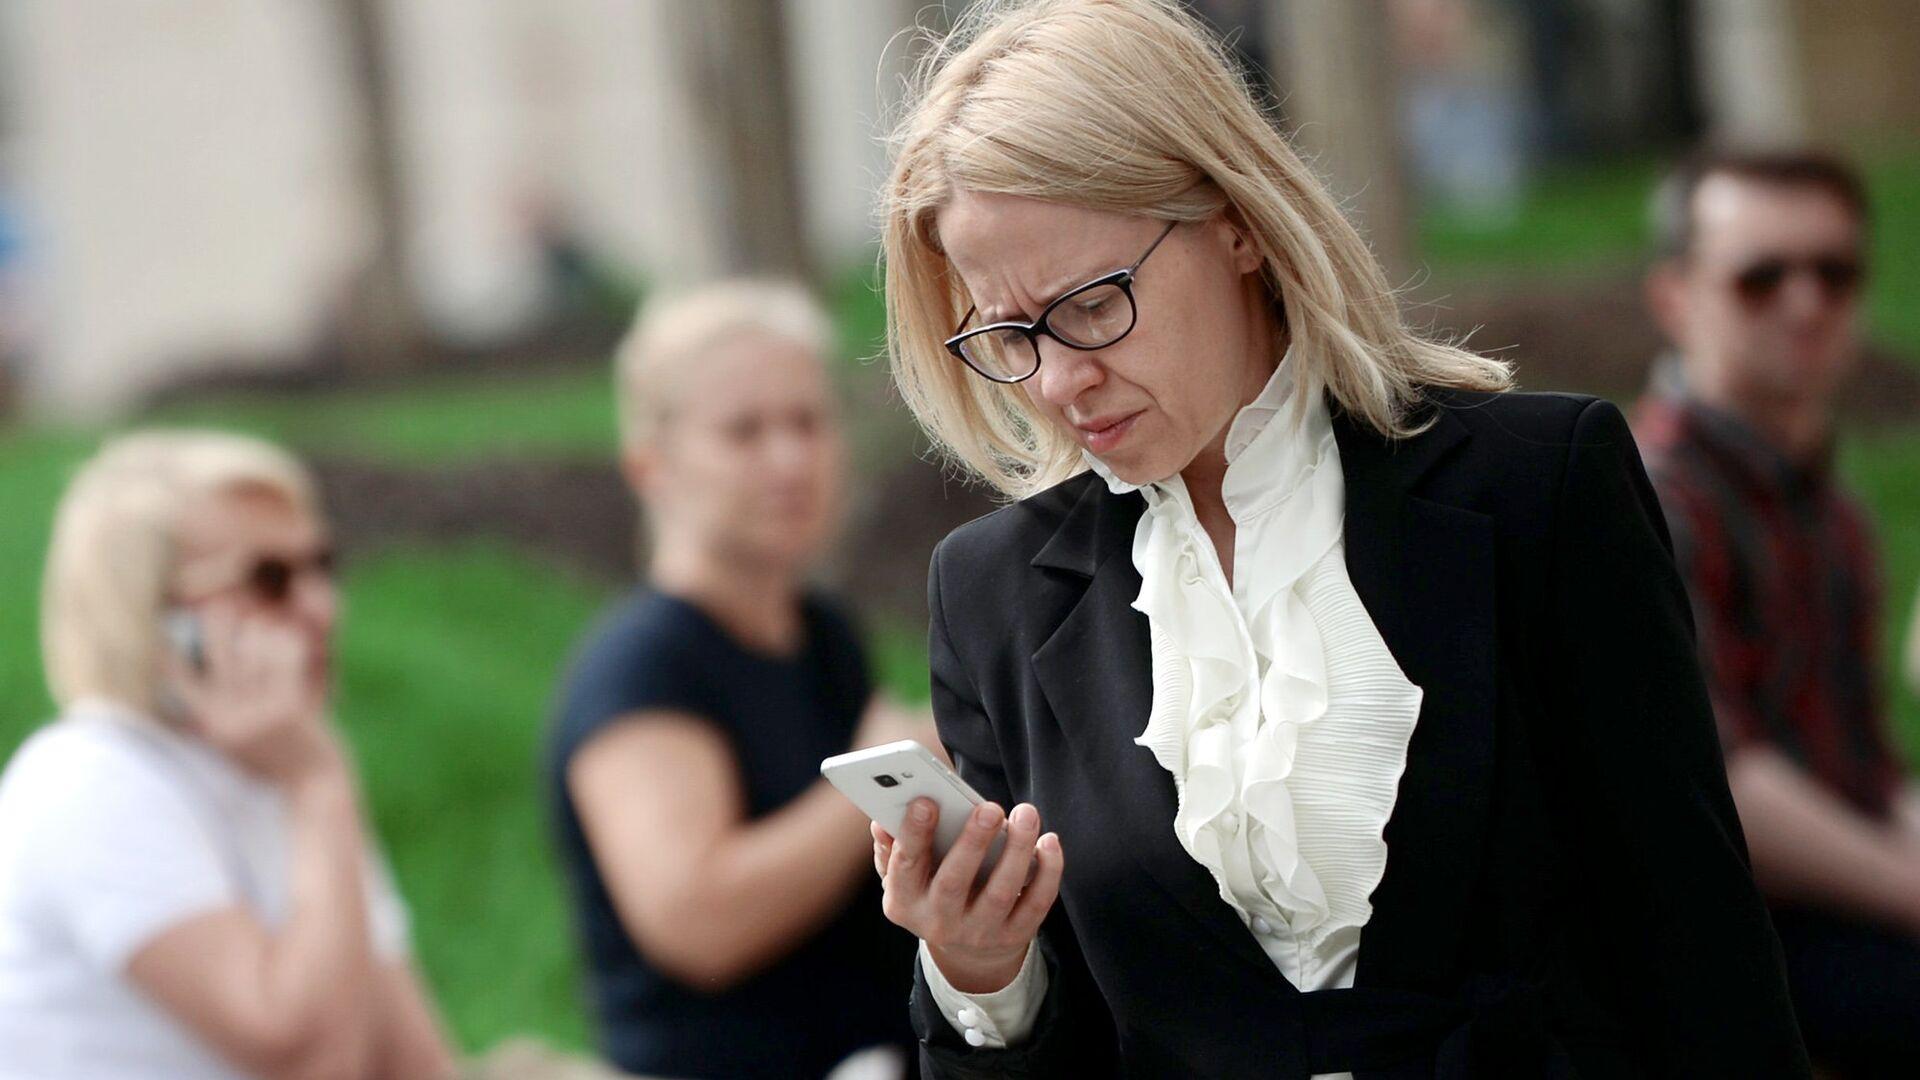 Женщина с мобильным телефоном  - РИА Новости, 1920, 30.09.2020